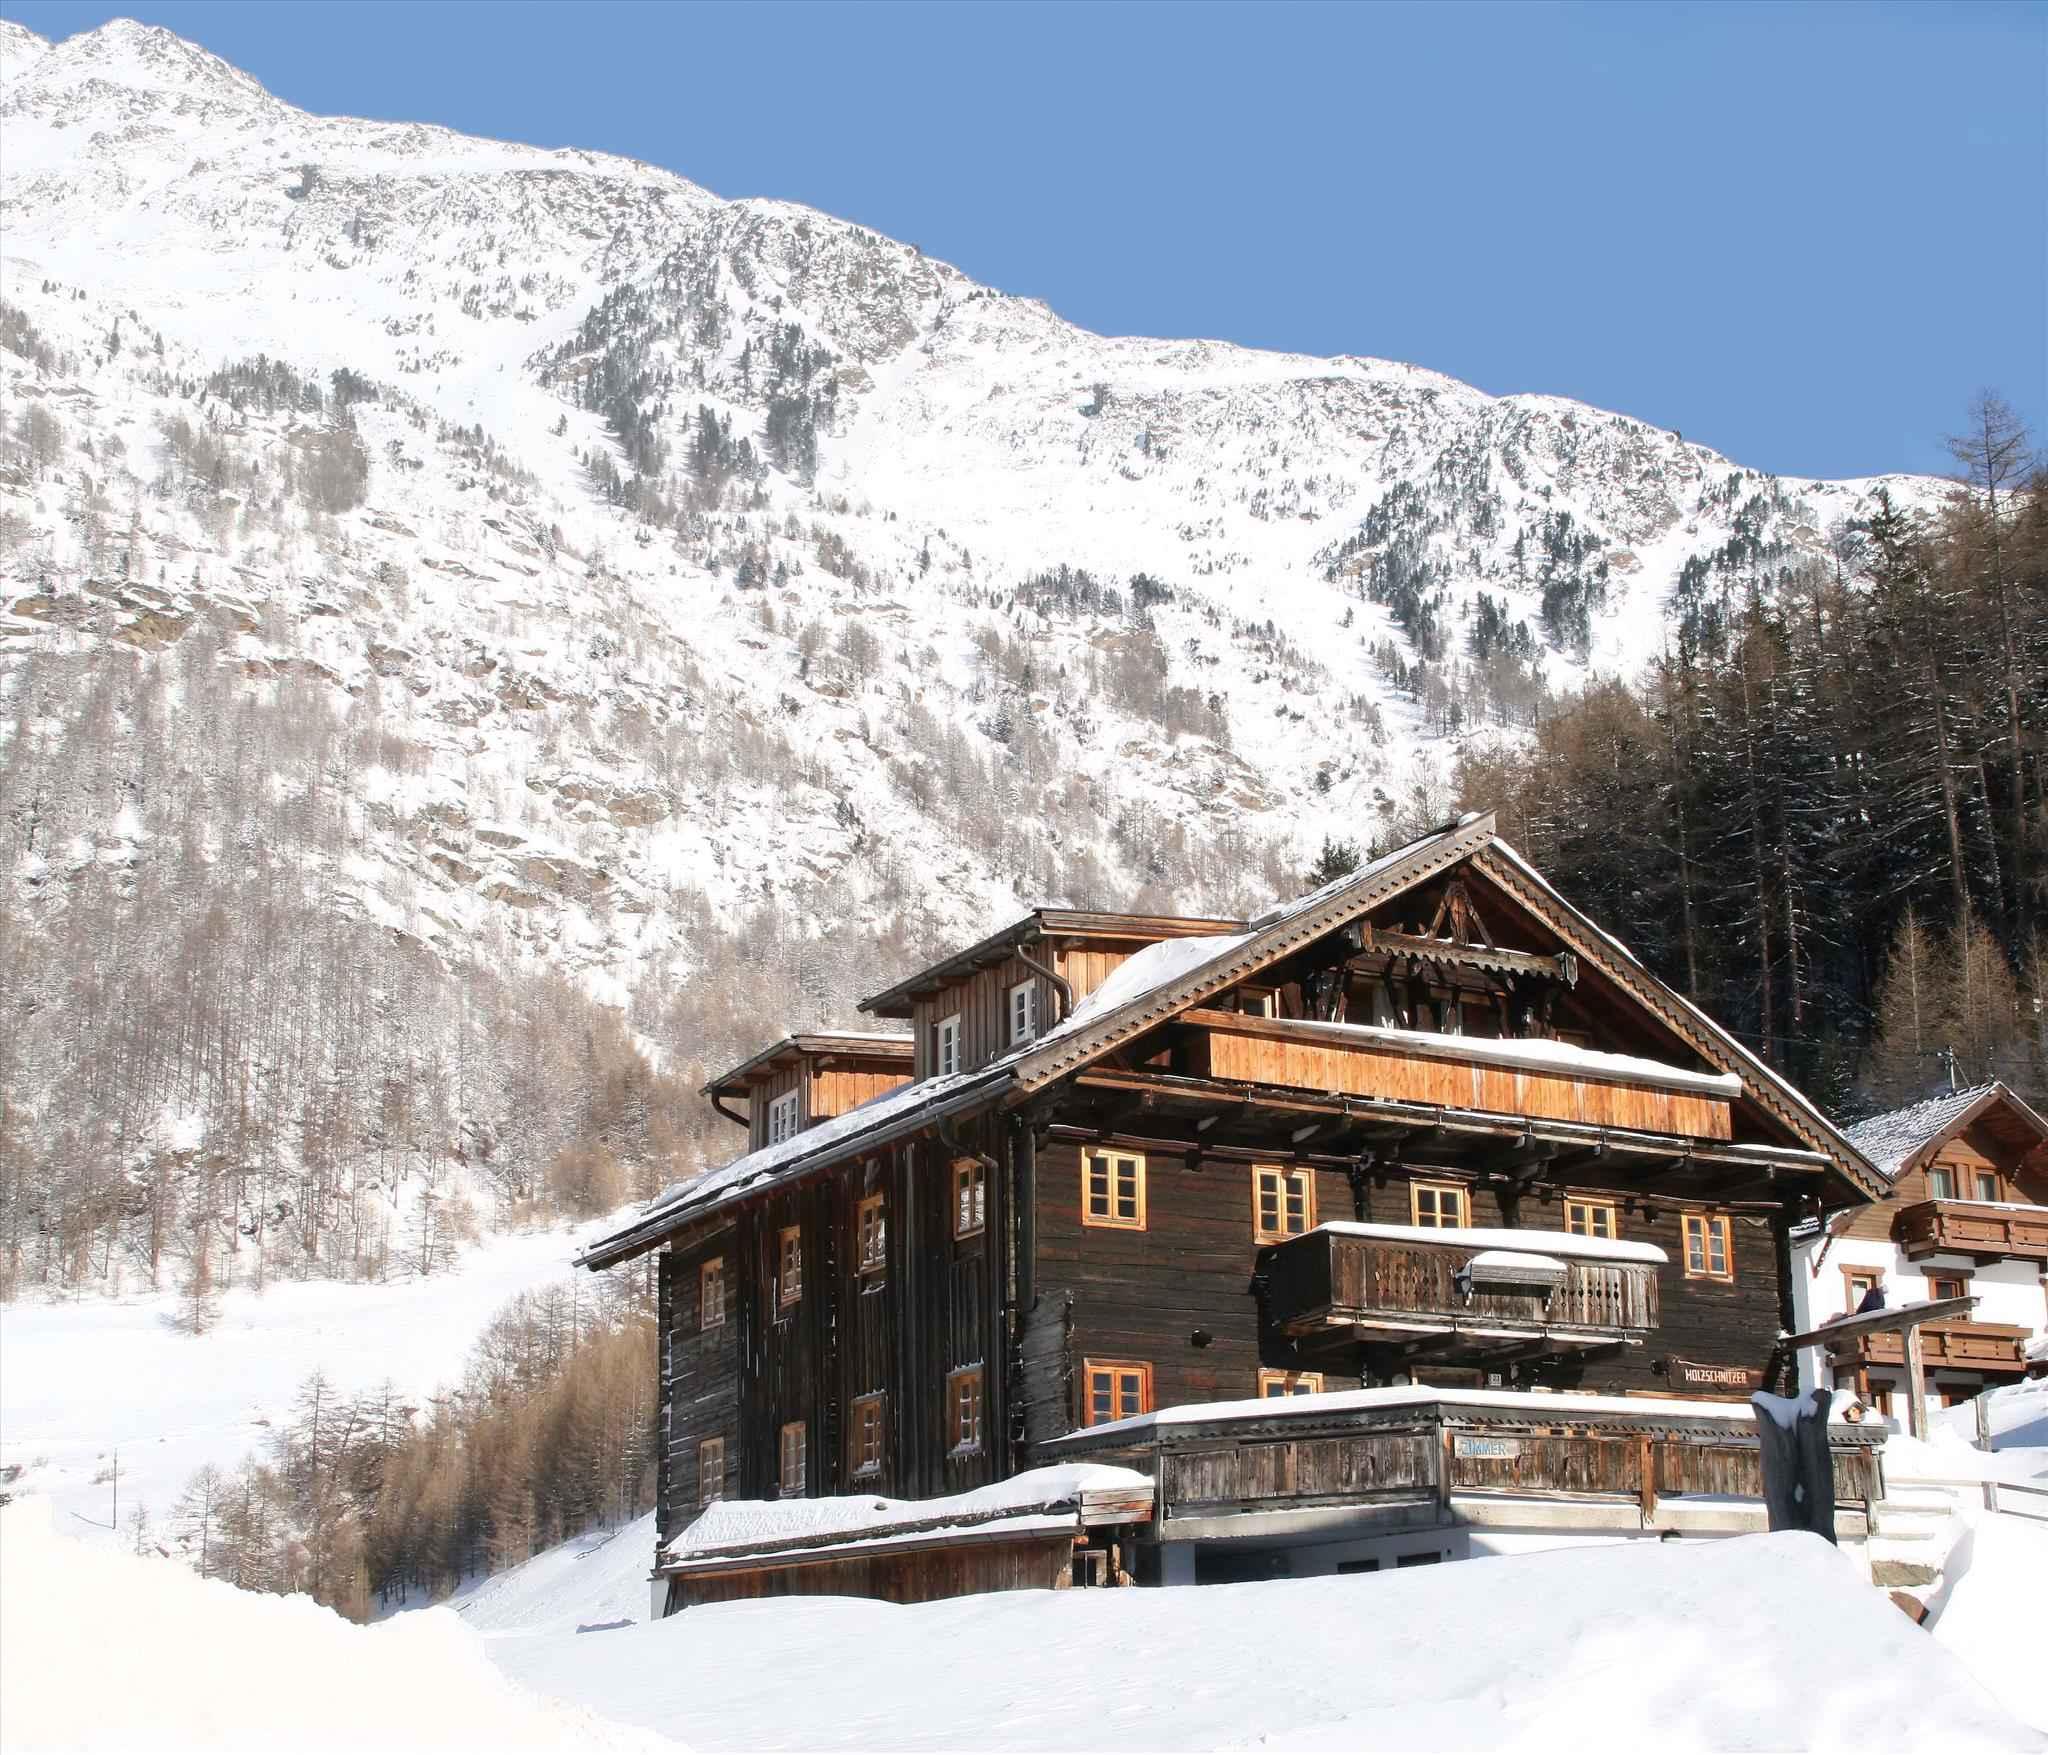 Ferienwohnung Studio in einem 300 Jahre alten Holzhaus (283709), Sölden (AT), Ötztal, Tirol, Österreich, Bild 3